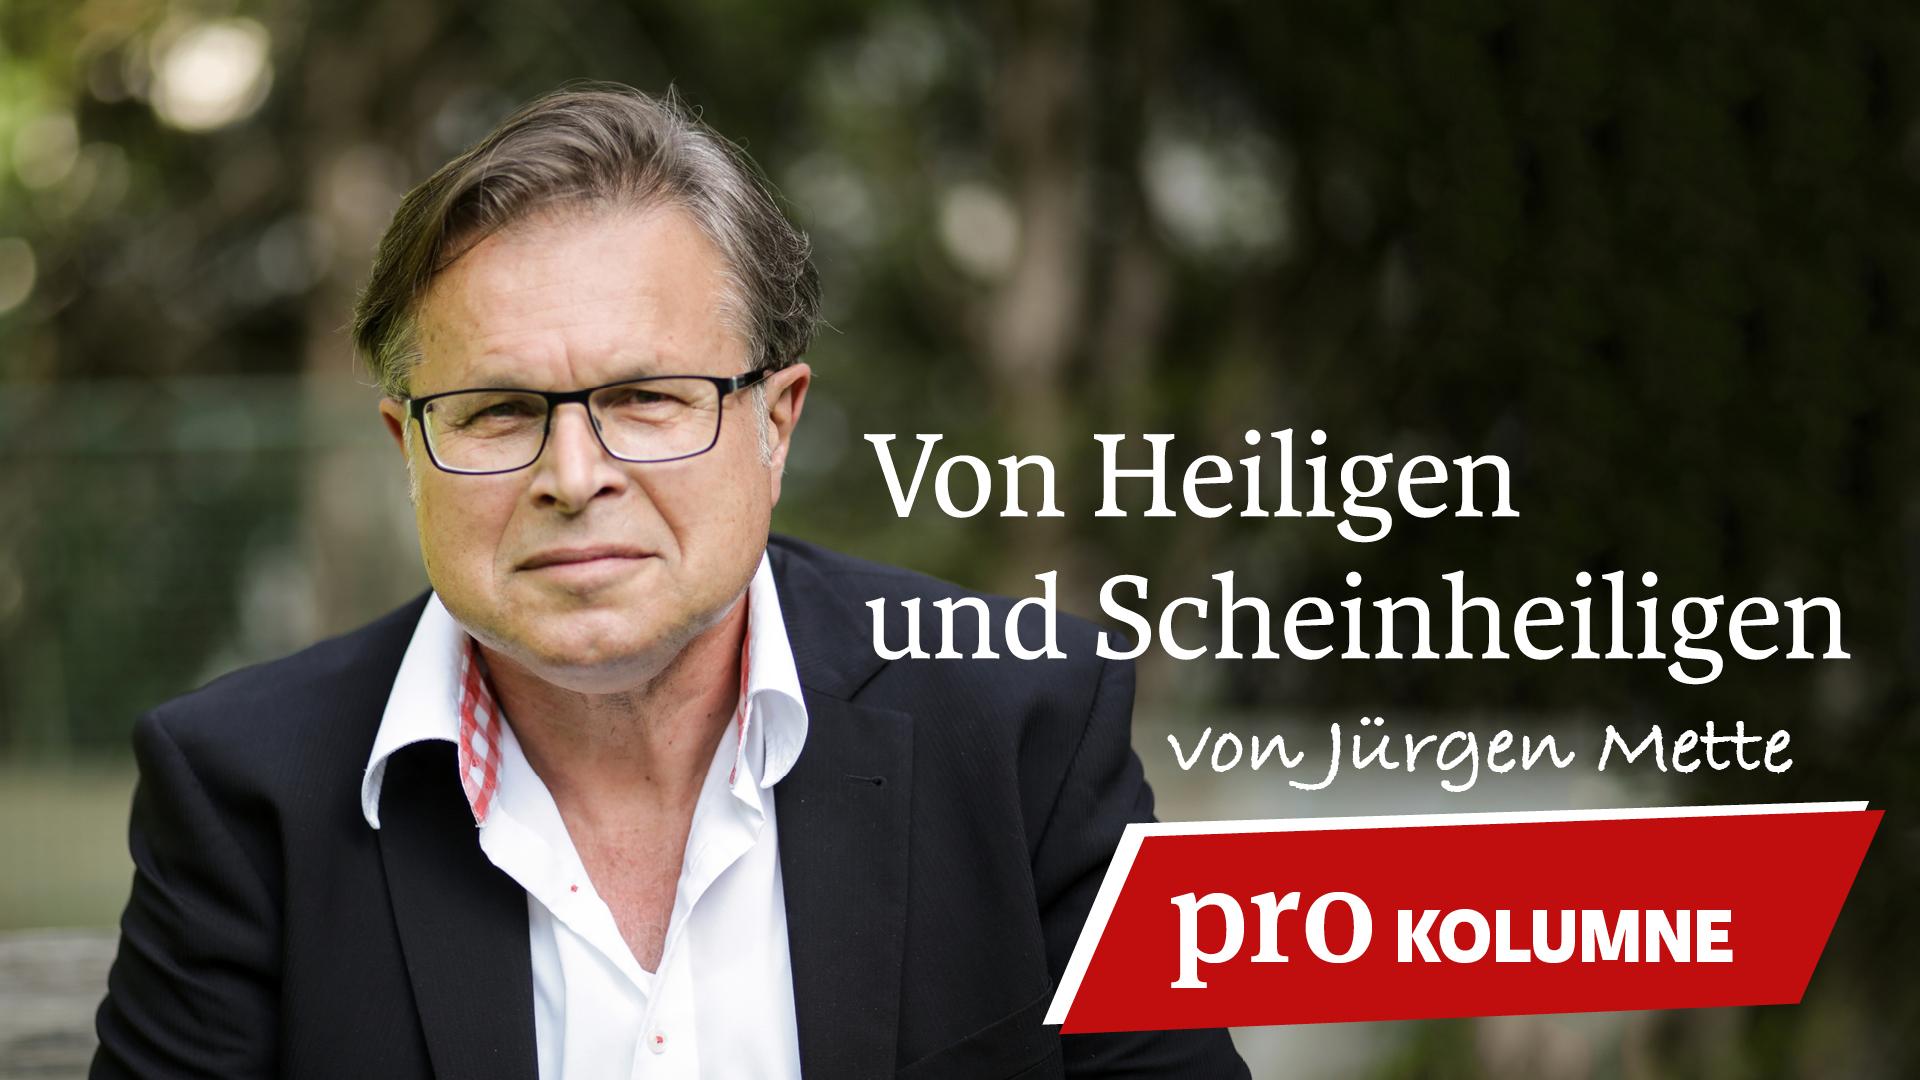 Jürgen Mette kritisiert eine Aufforderung der Rheinischen Kirche